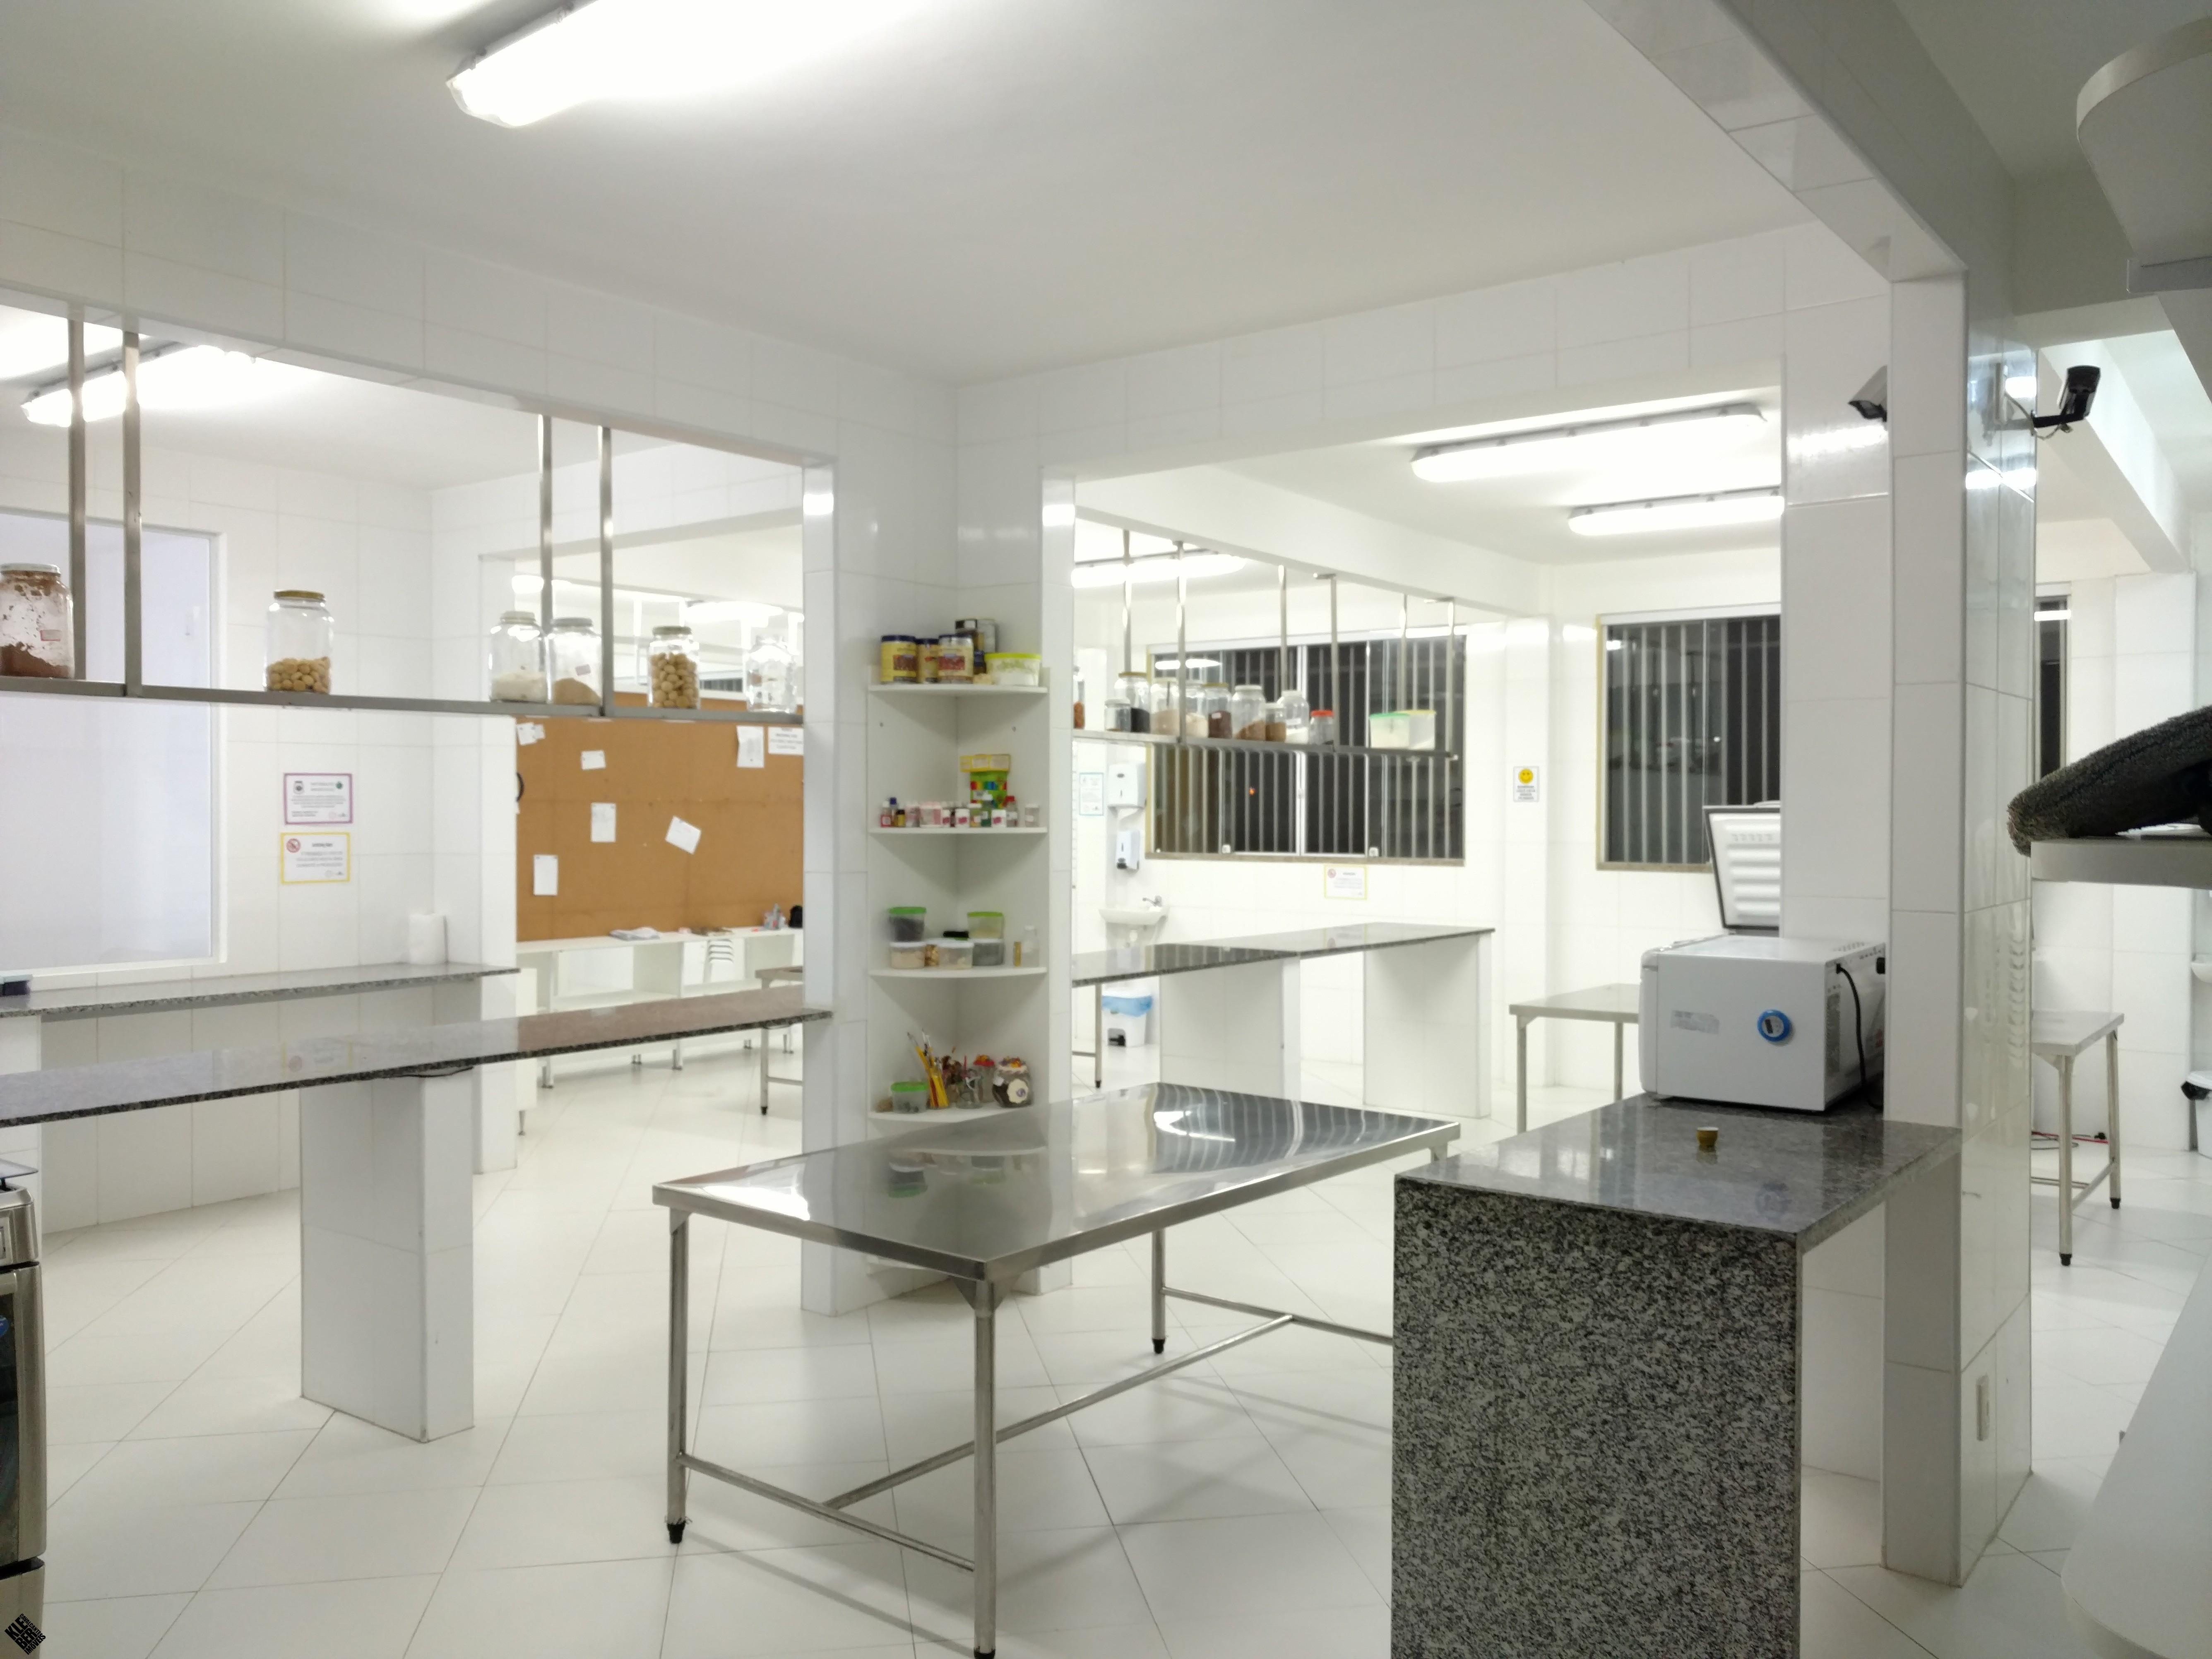 Casa Com 3 Pavimentos Pronta Para Industria De Alimentos Em Lauro De